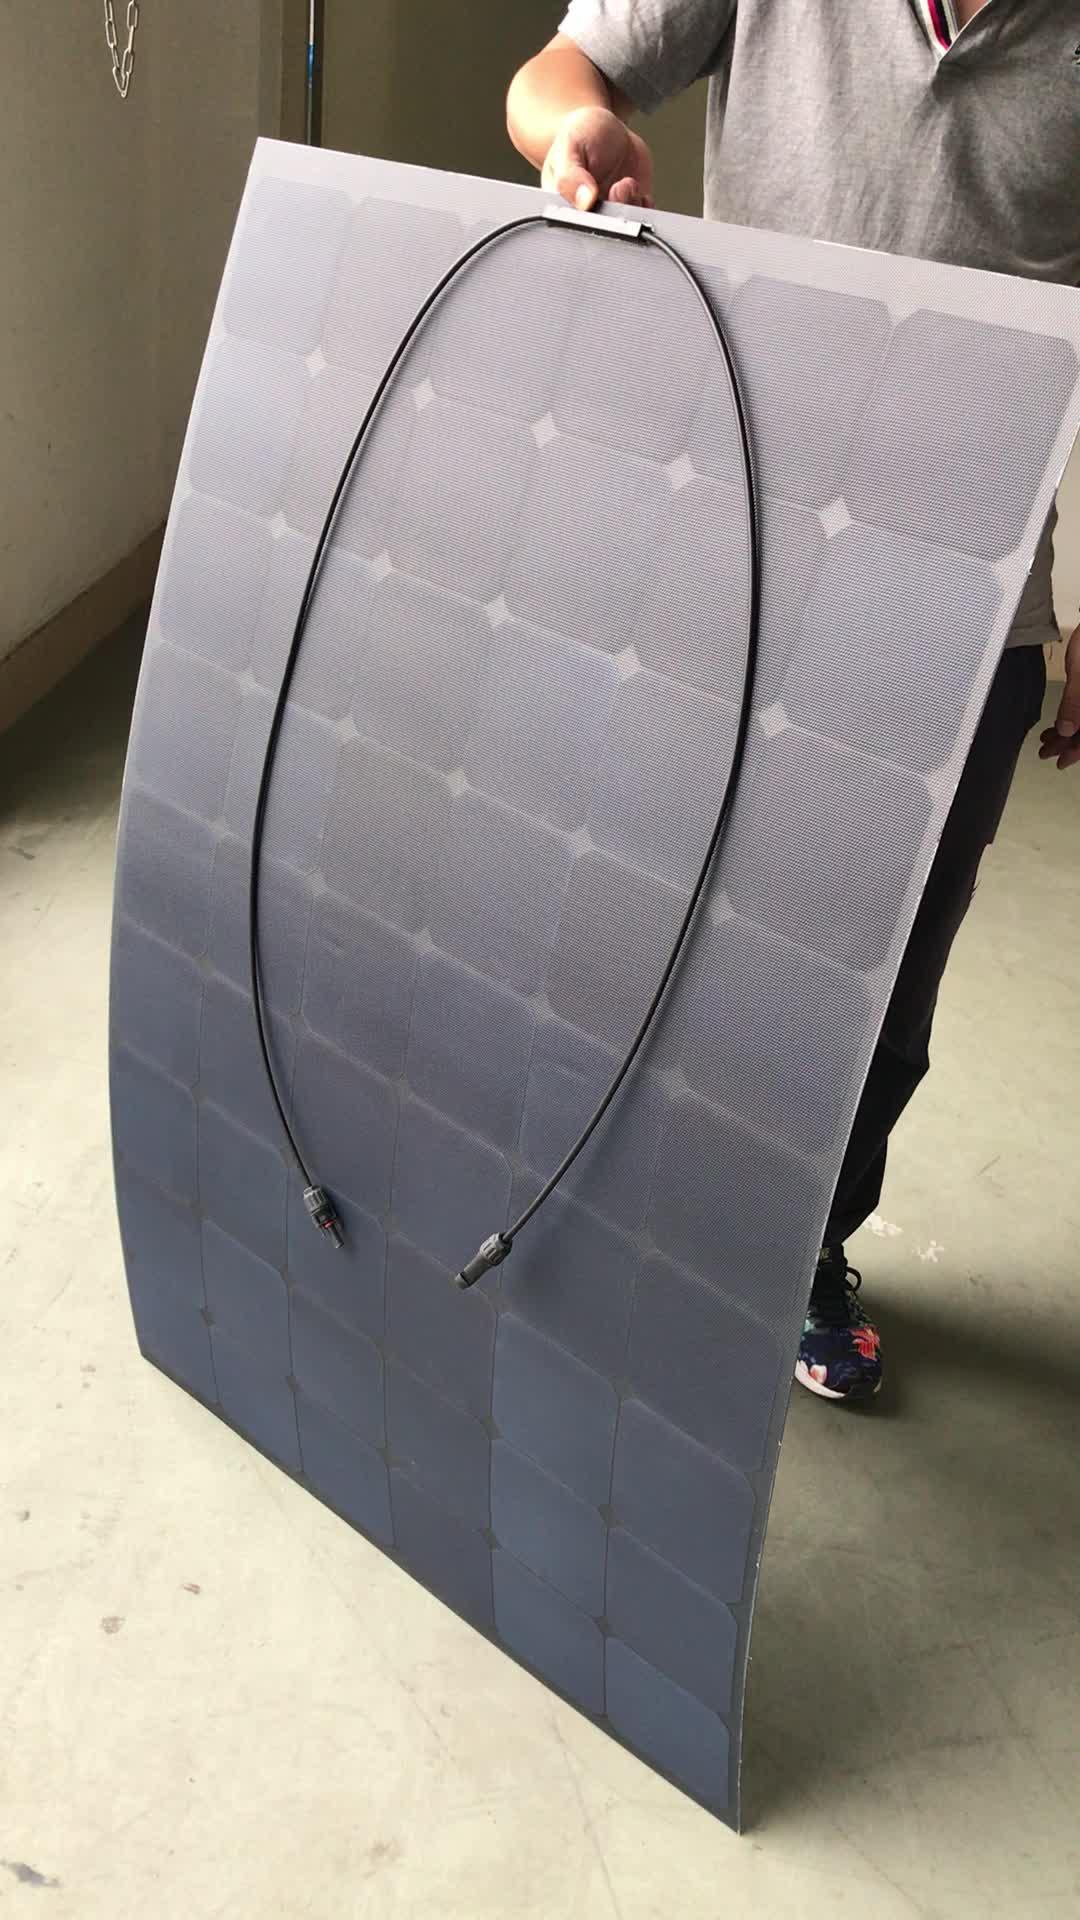 (Разработанно специально для заказчика)/поо (производство оригинального Кемпинг RV использования SunPower солнечных батарей ЭТФЭ/ПЭТ 12V 24V 200 Вт semi Гибкая солнечная батарея по оптовочной ценеоп